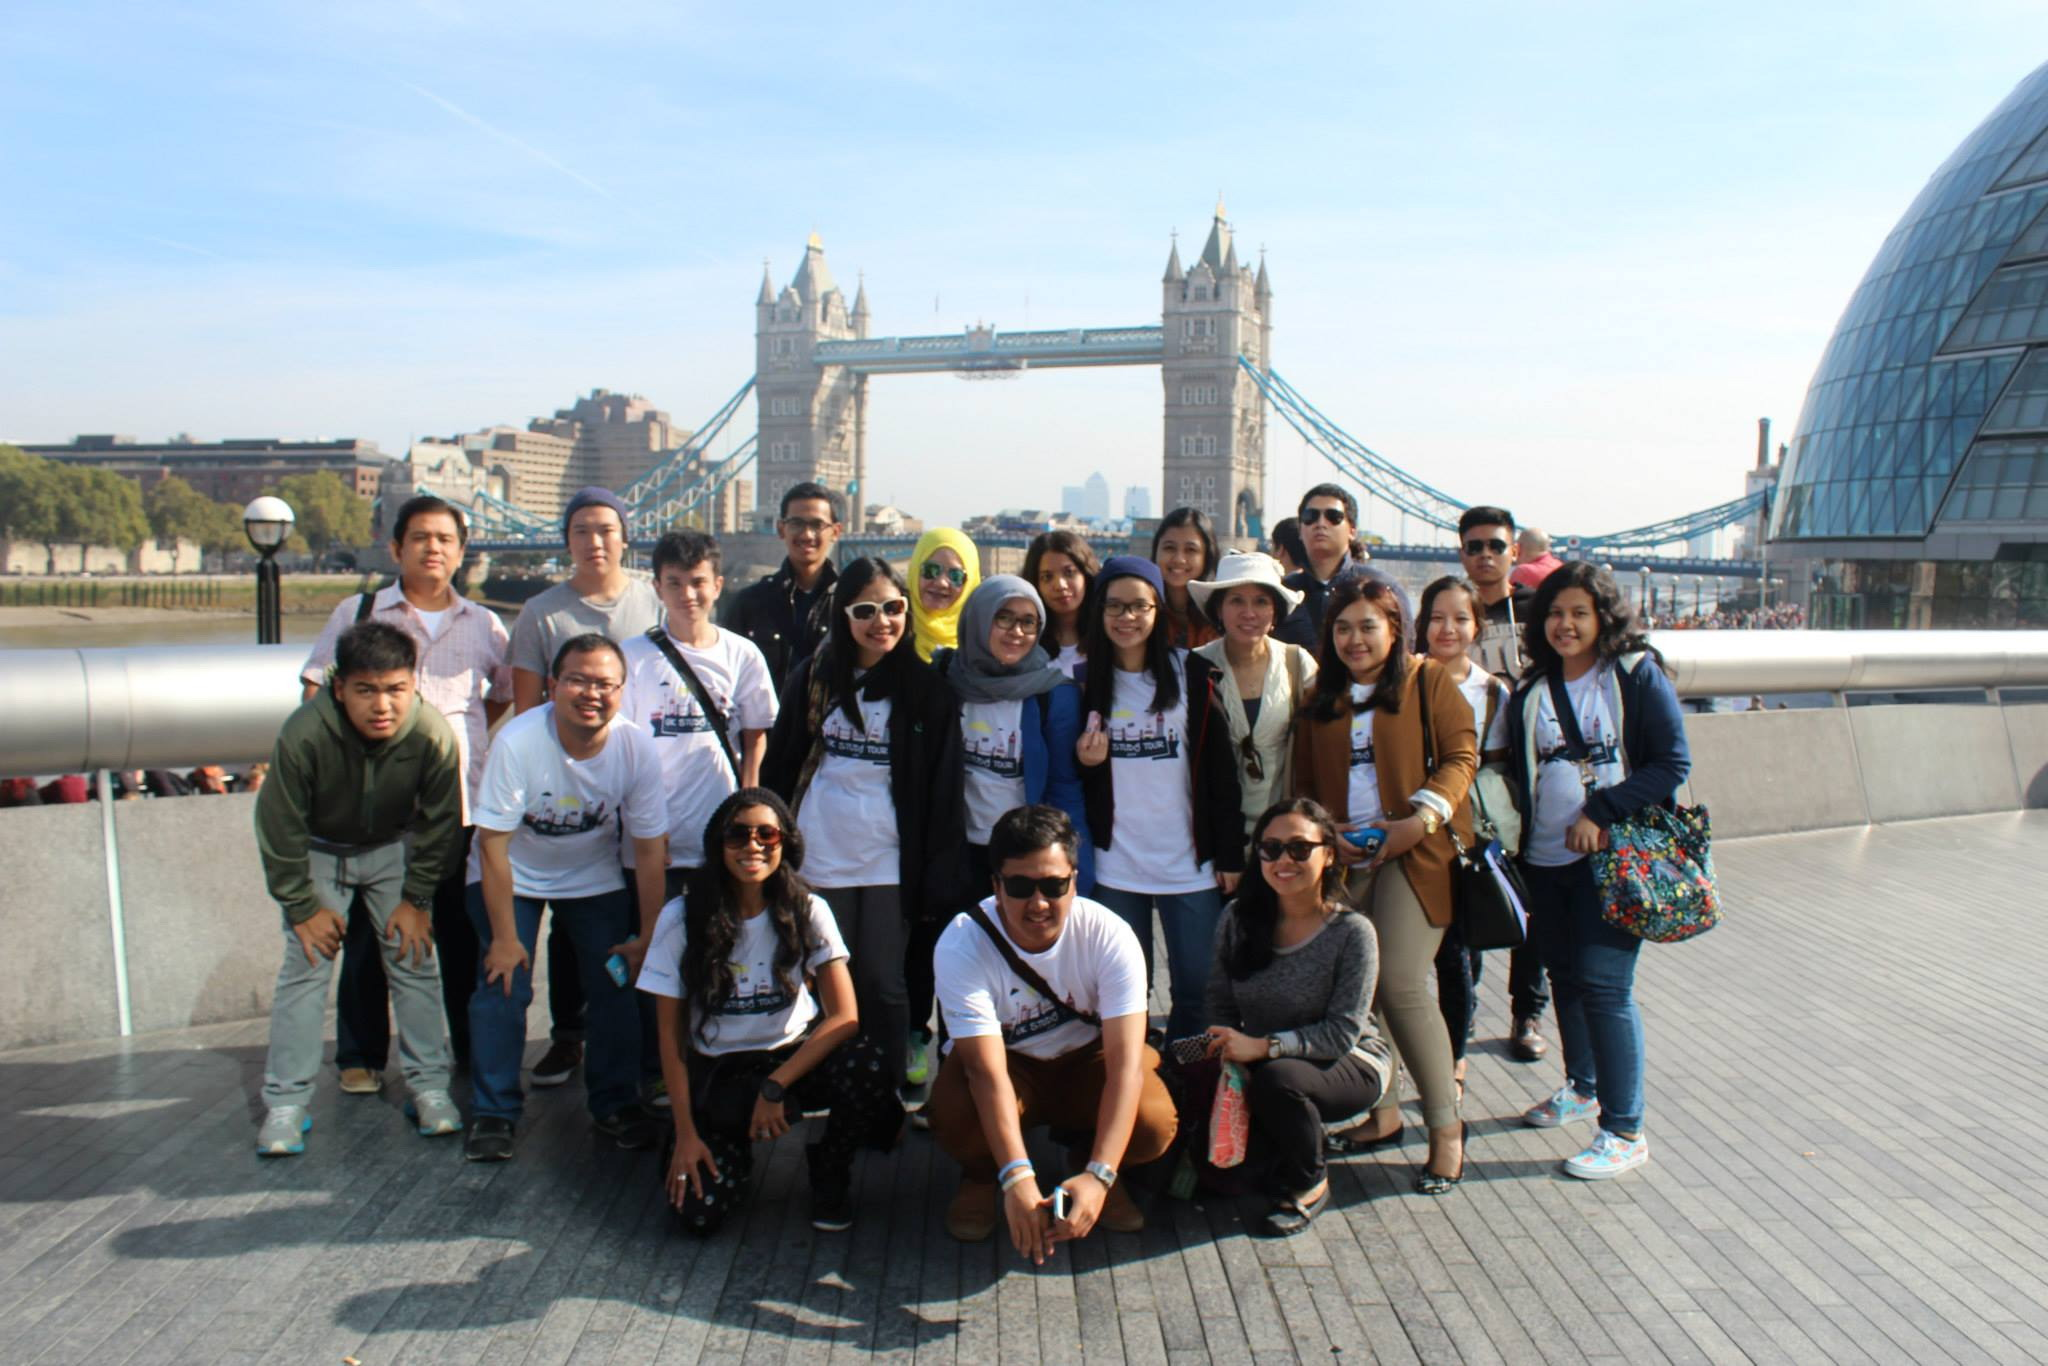 Enam mitos yang salah tentang kuliah di luar negeri